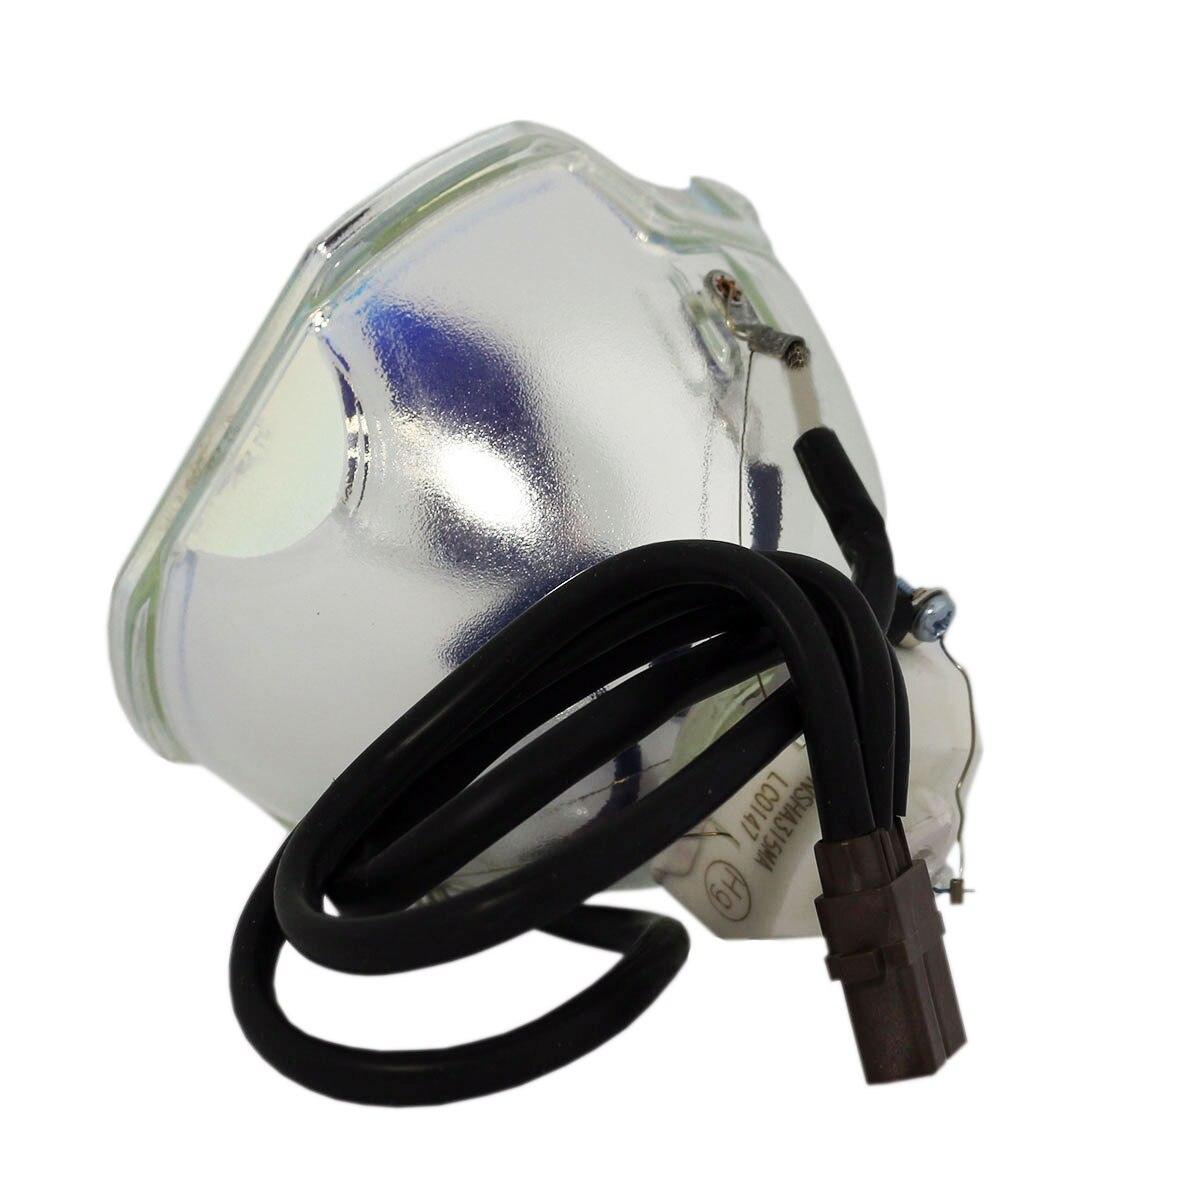 ET-LAD57W ETLAD57W For Panasonic PTD5700 PT-D5700E PT-D5700EL PT-D5700UL PT-DW5100E PT-DW5100UL PT-DW5100 Projector Lamp Bulb projector bulb et lab10 for panasonic pt lb10 pt lb10nt pt lb10nu pt lb10s pt lb20 with japan phoenix original lamp burner